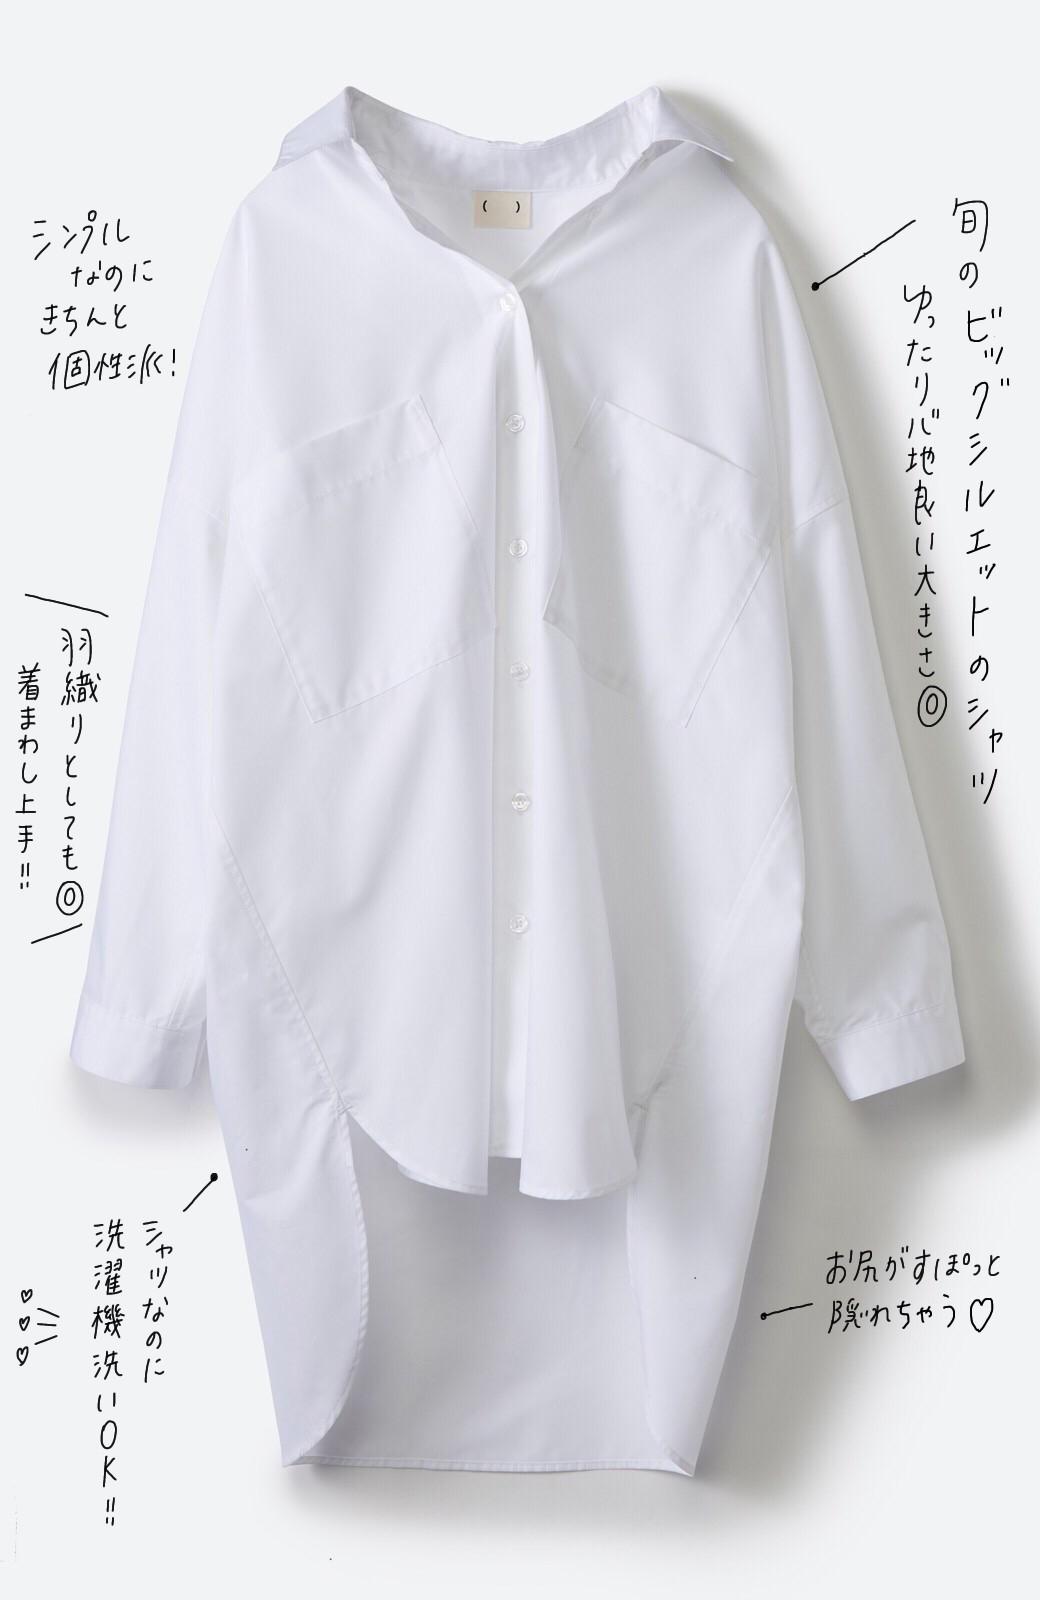 haco! サイズ感がオシャレに見せてくれる 真面目すぎないビッグシャツ <ホワイト>の商品写真3